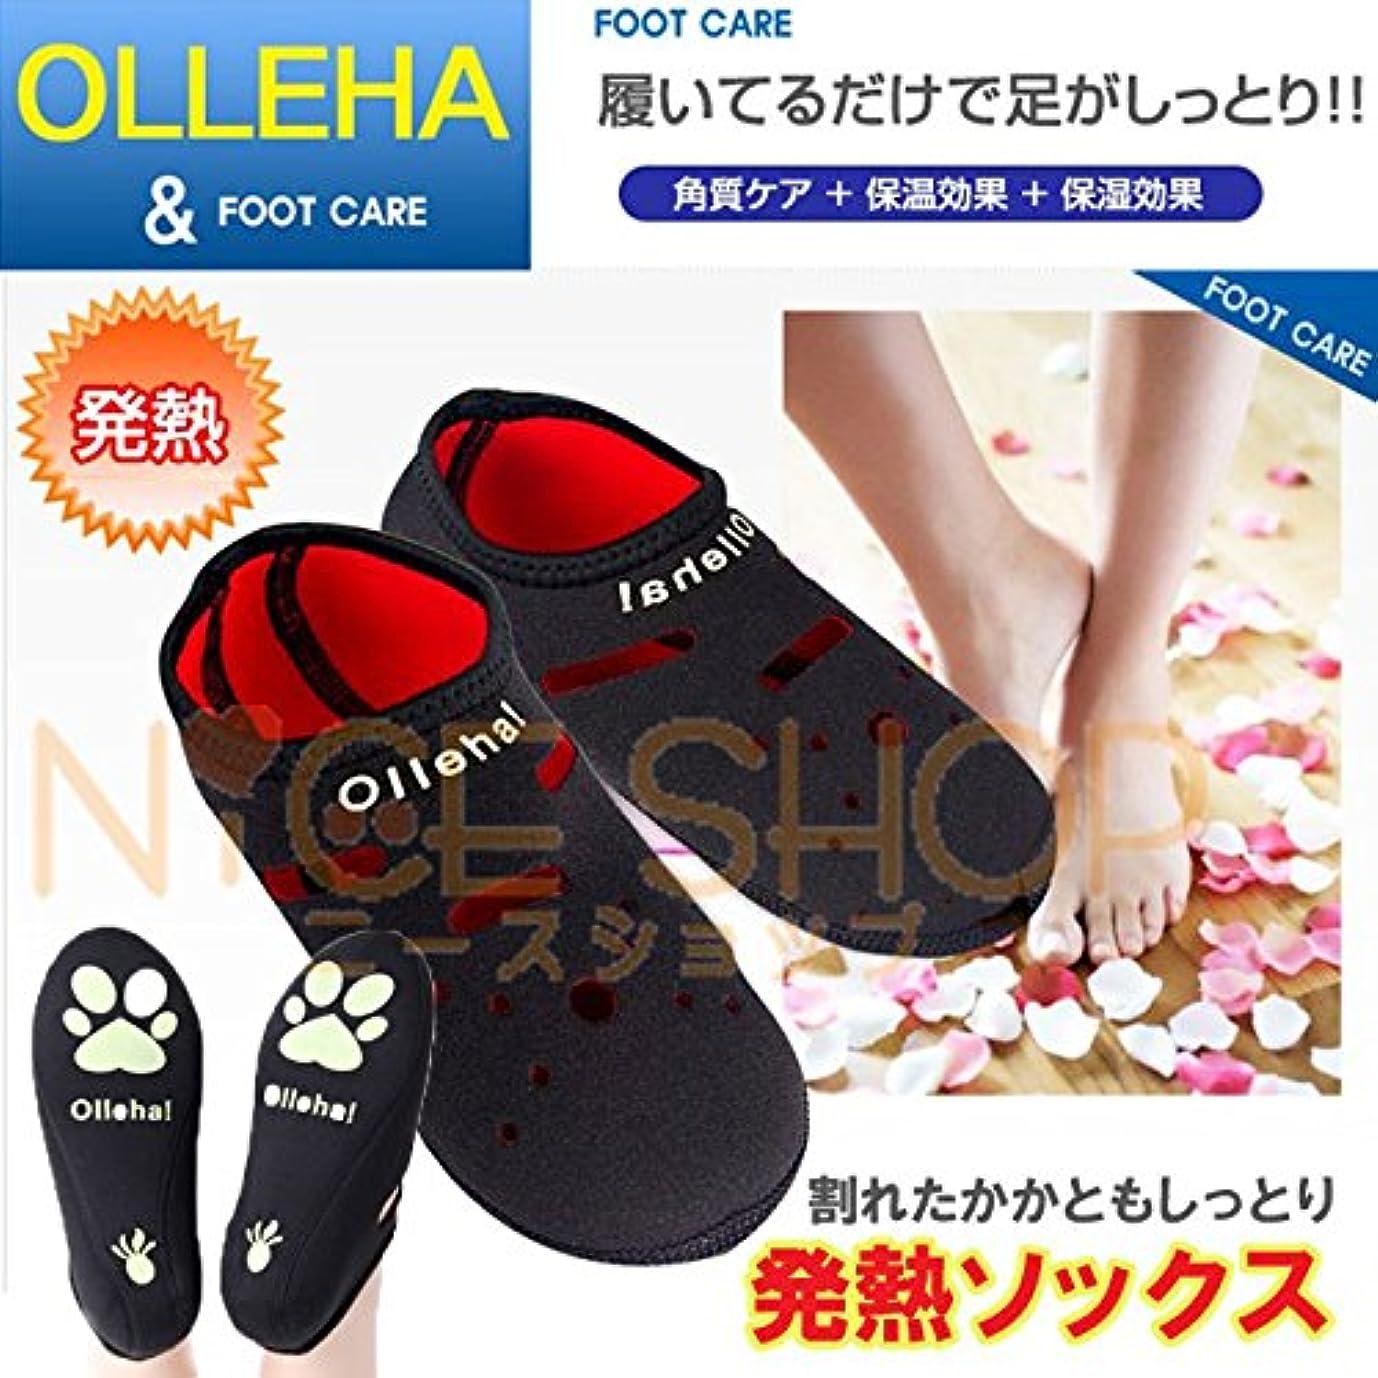 三角ダンス父方の発熱靴下(足袋)発熱ソックス、フットケアー Olleha! (M(23.5~24.0))